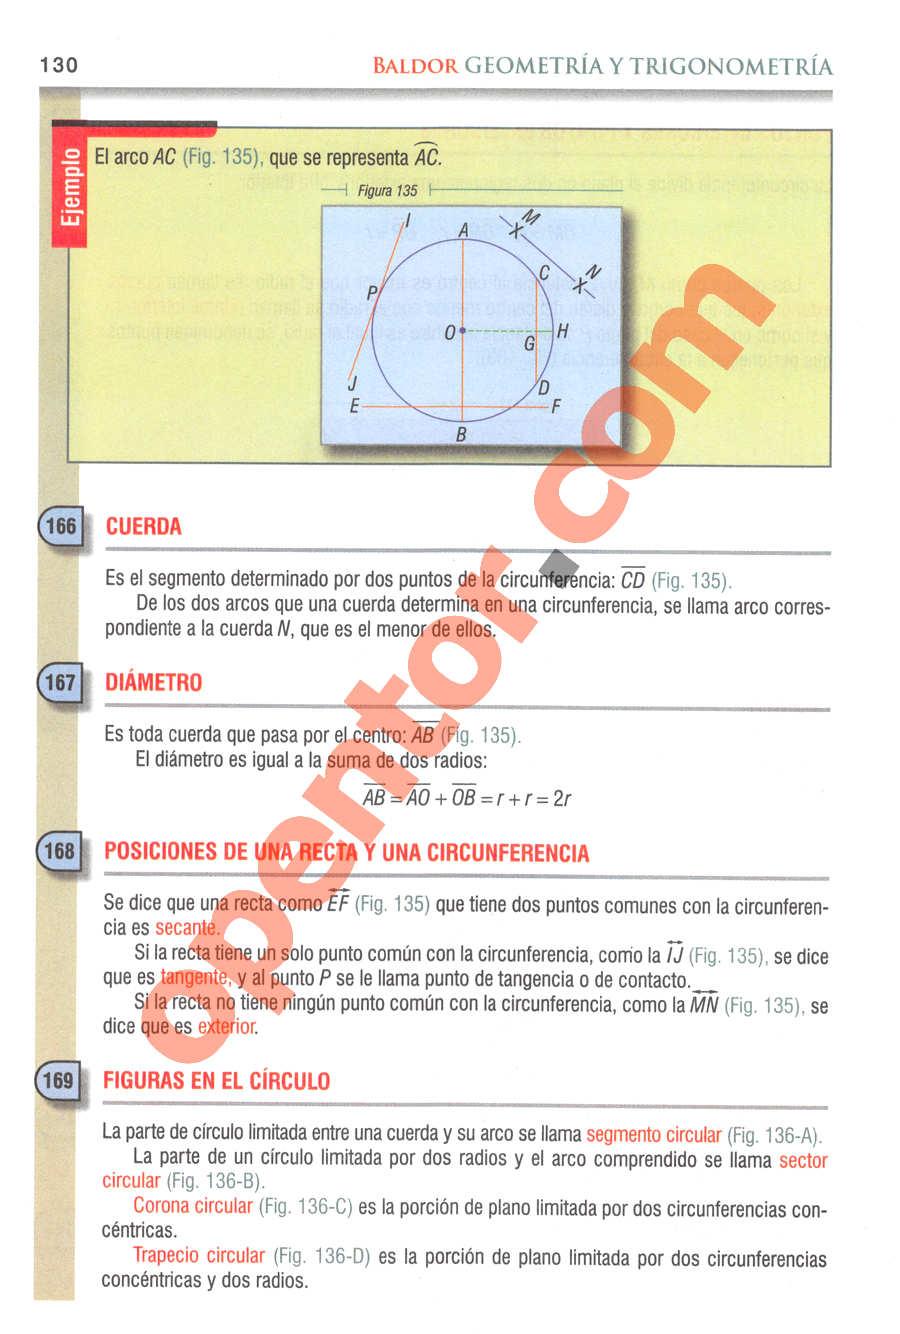 Geometría y Trigonometría de Baldor - Página 130